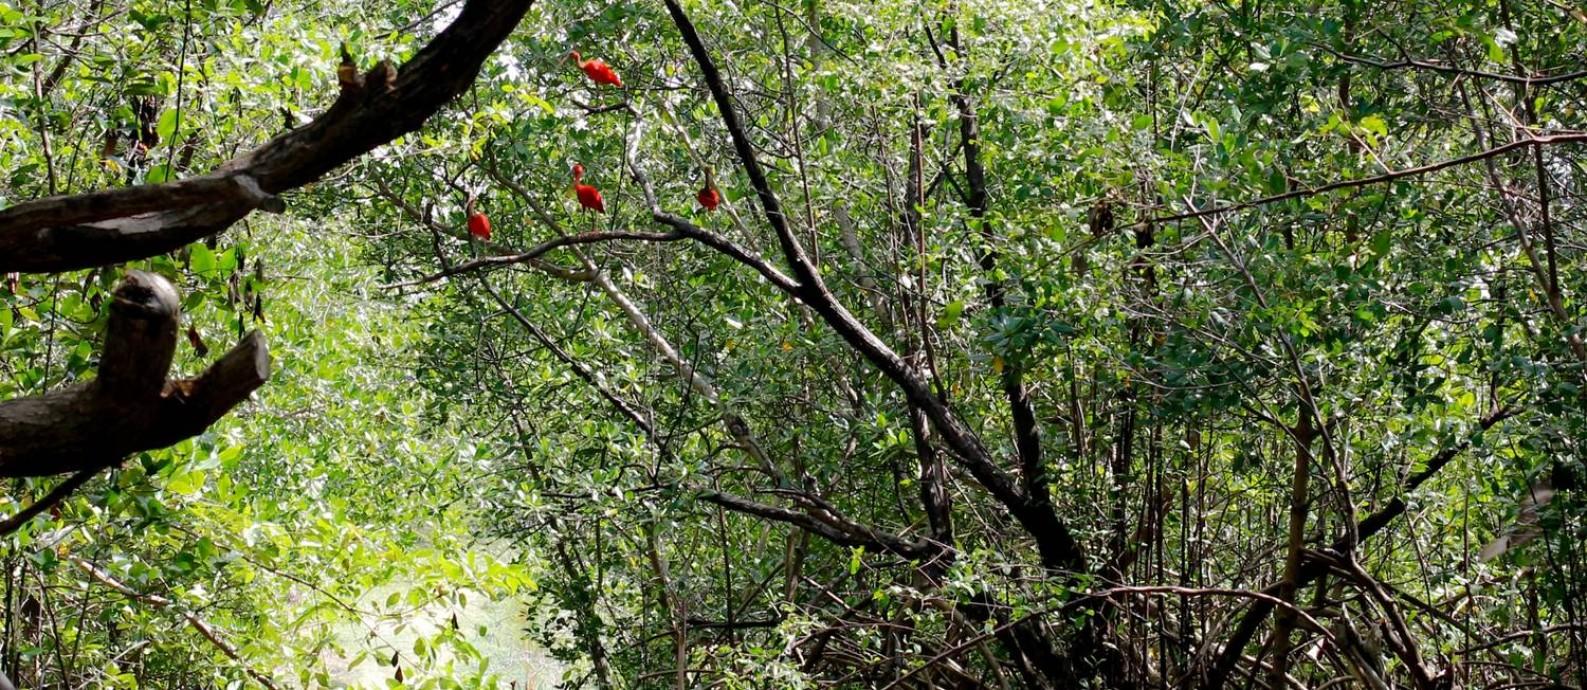 Um grupo de guarás repousa abrigado em um manguezal paraense, no Litoral Norte brasileiro Foto: Mariana Vargas Cruz/ Divulgação